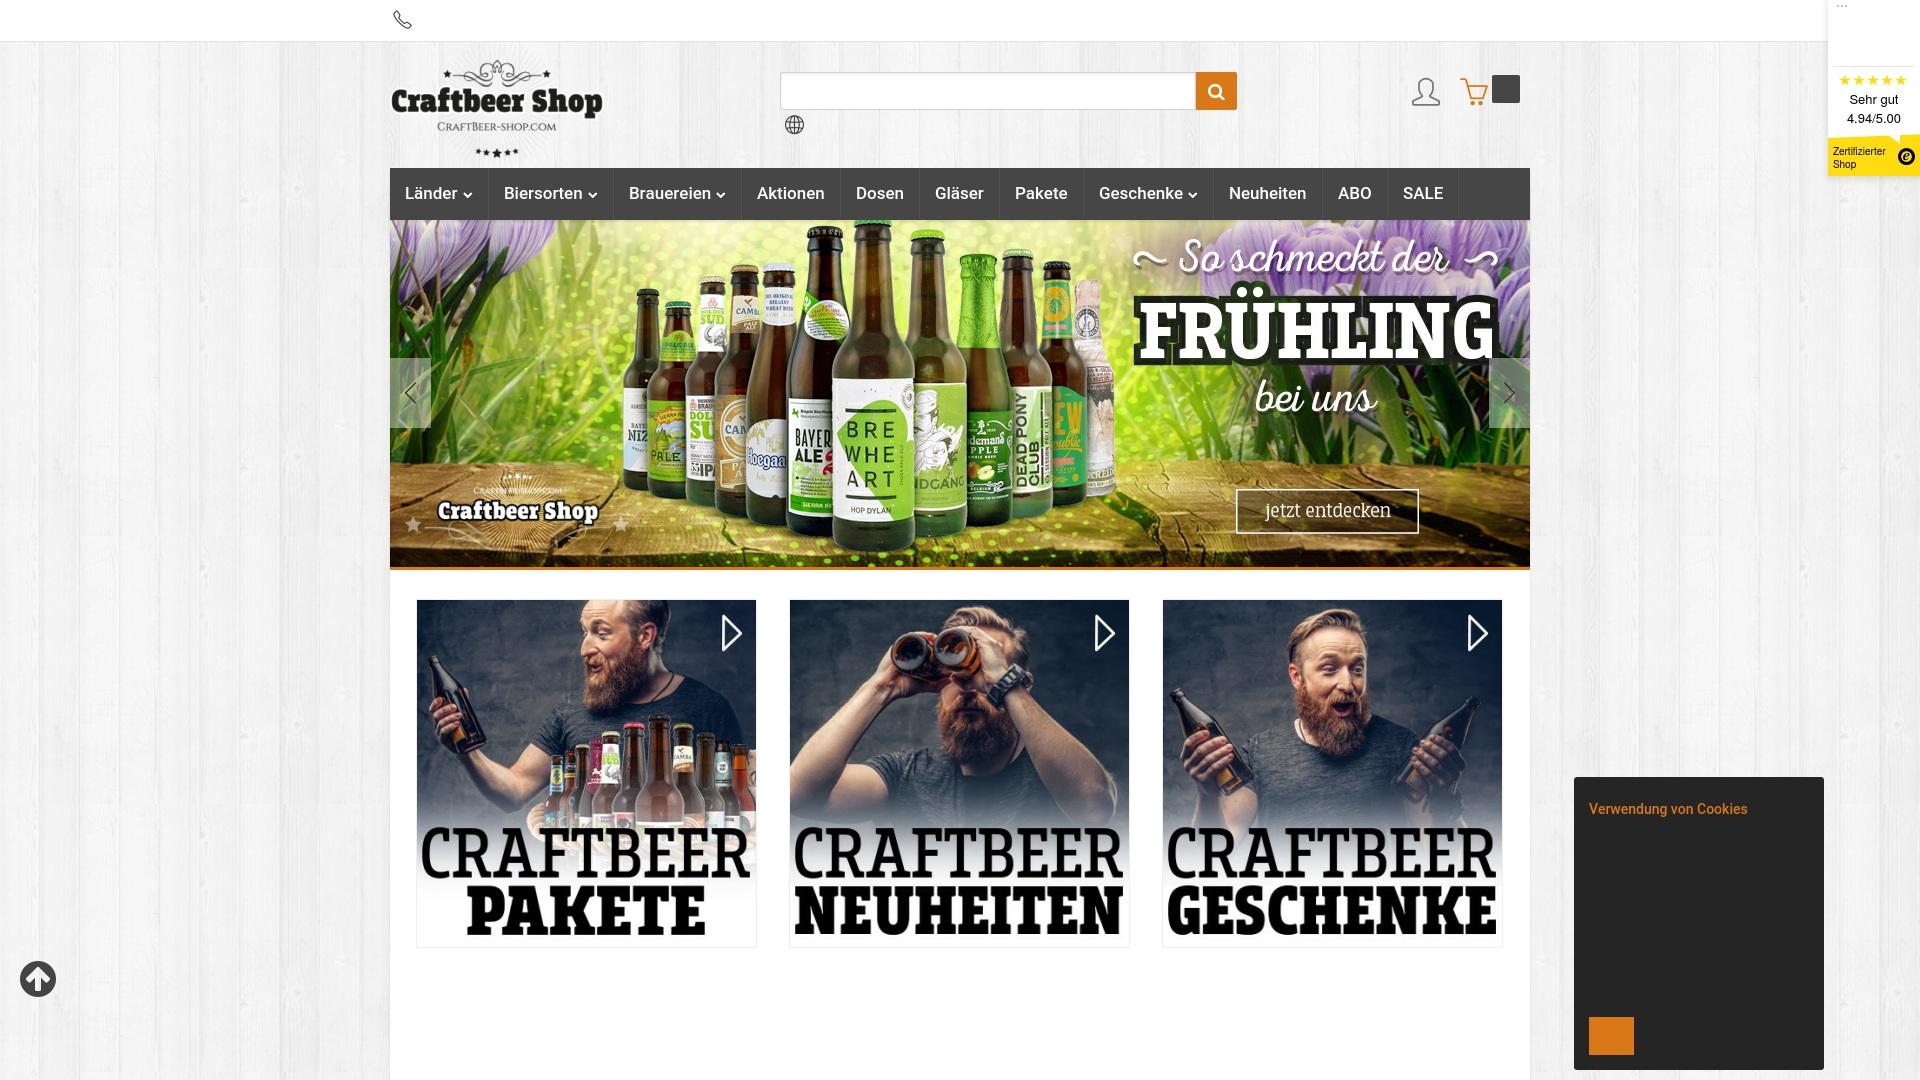 Gutschein für Craftbeer-shop: Rabatte für  Craftbeer-shop sichern